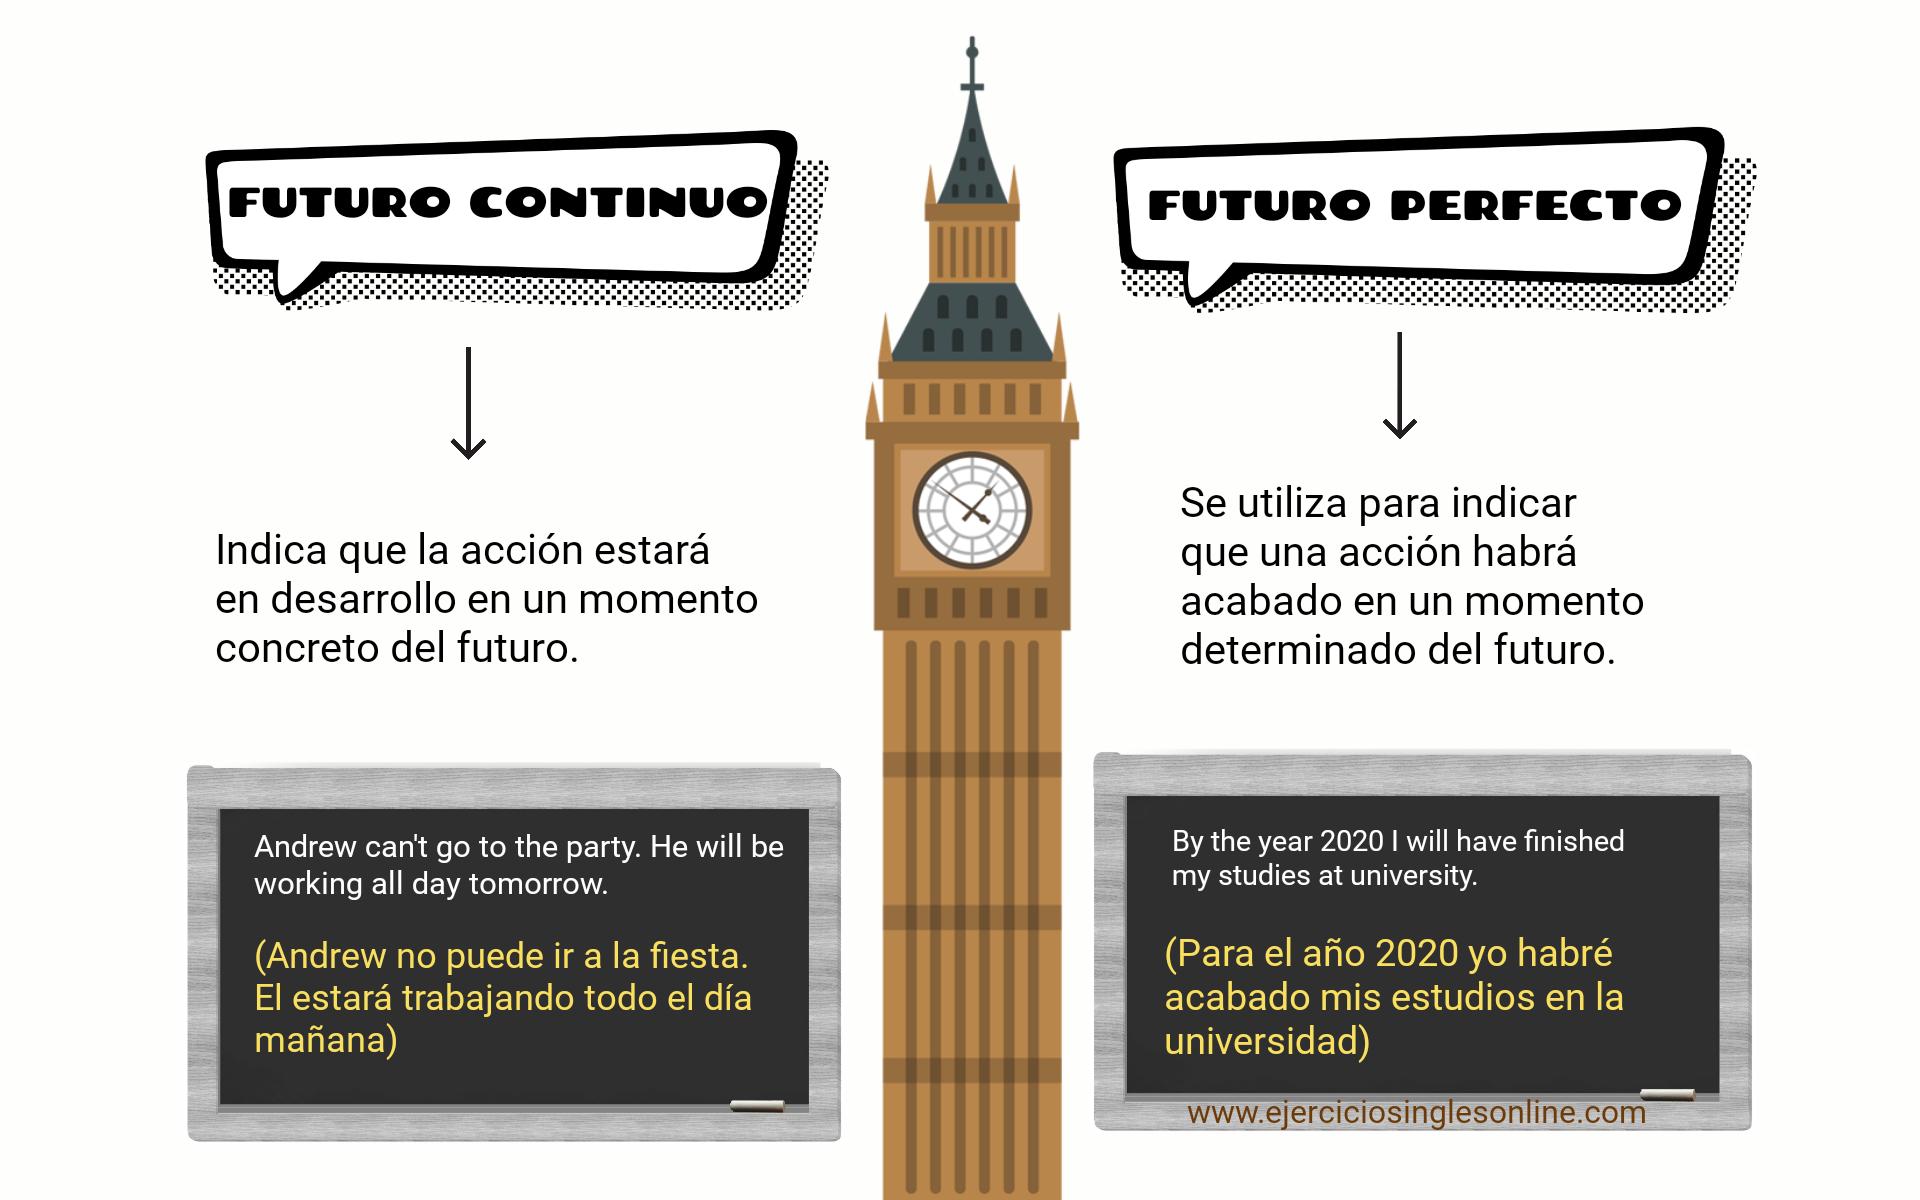 Futuro continuo vs perfecto - Ejercicio 2 - Interactivo